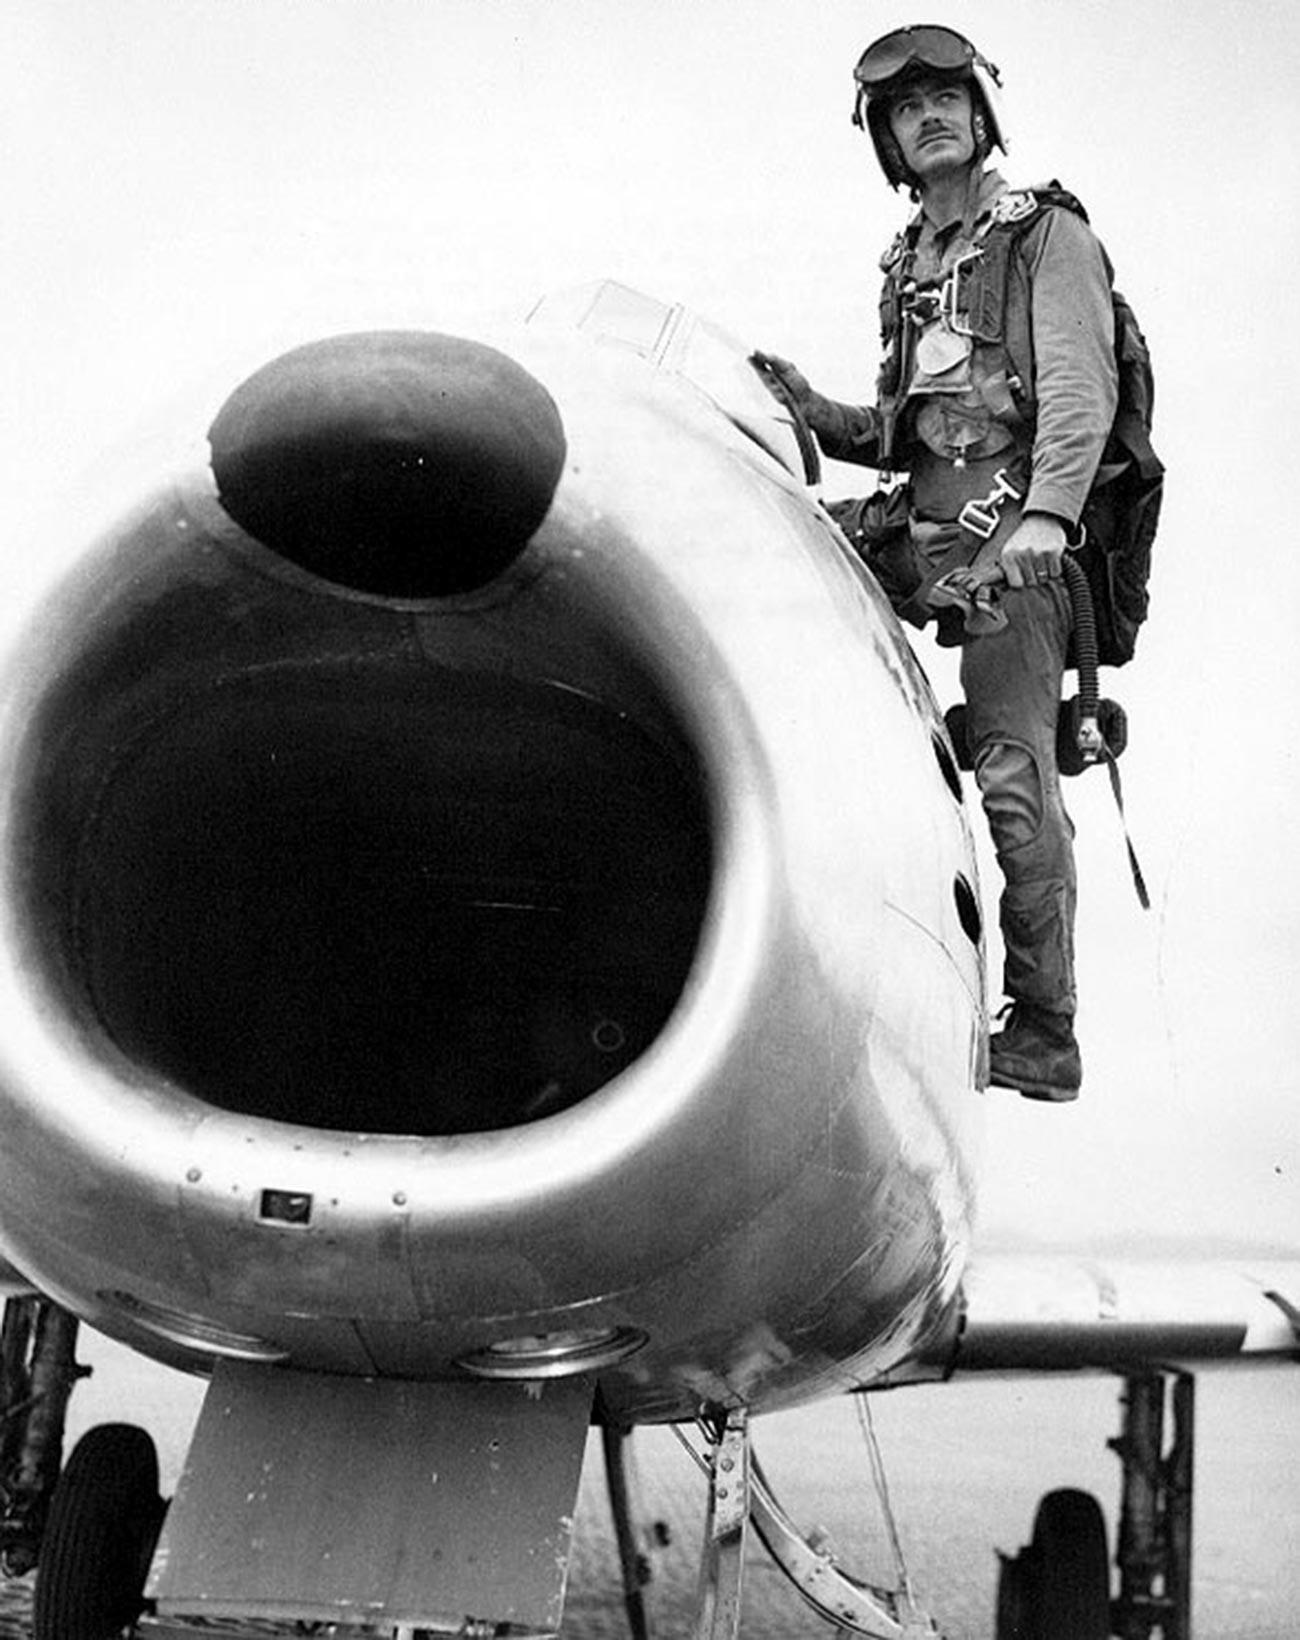 Мајор Билт, кој има соборено шест јапонски авиони во Втората светска војна. Леташе во 37 акции на Сејбр во состав на 5 воздушна армија која водеше воздушни борби против мигови.